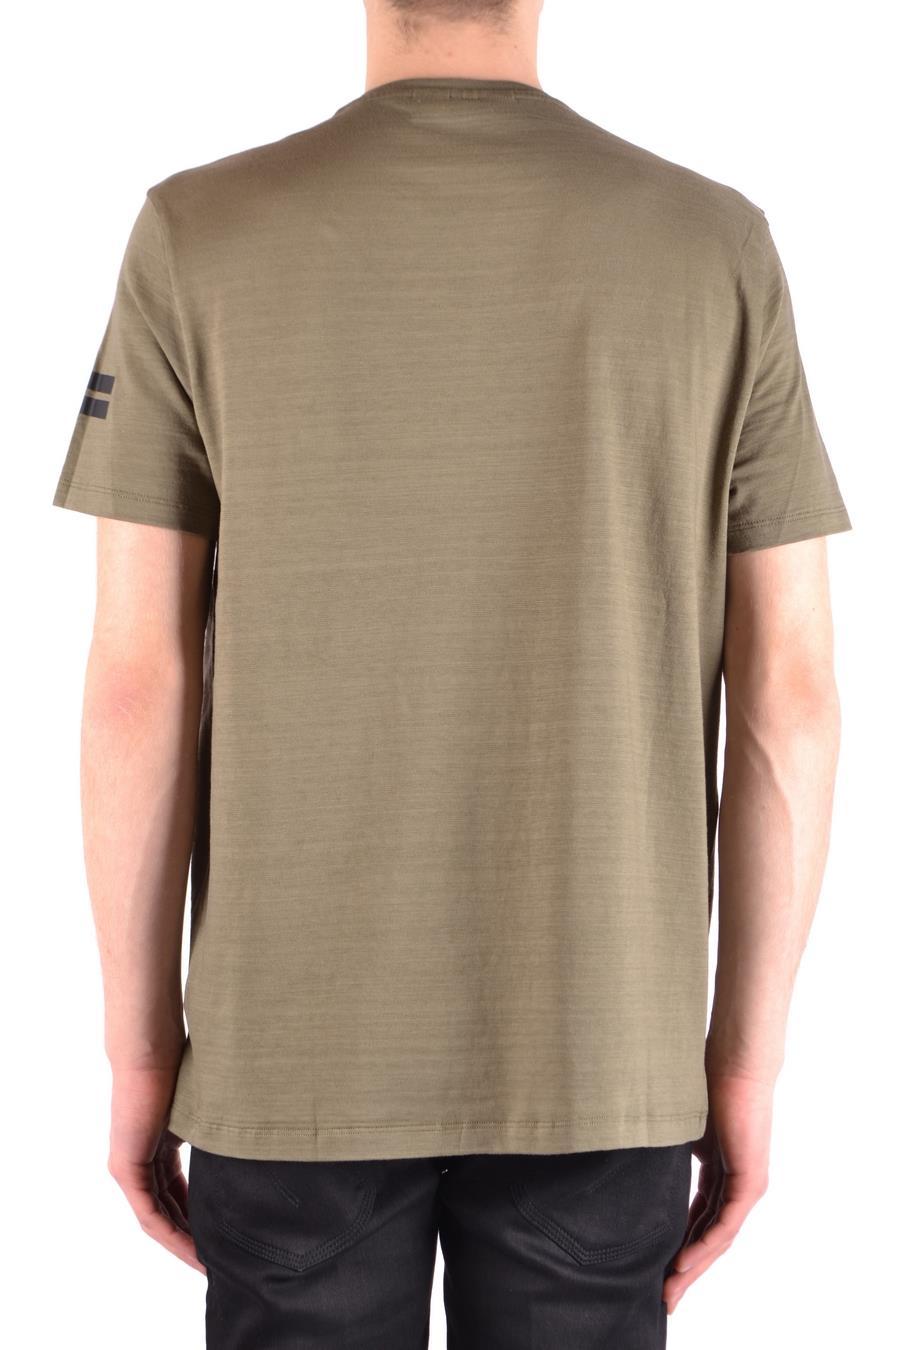 Details about  /Neil Barrett T-shirt